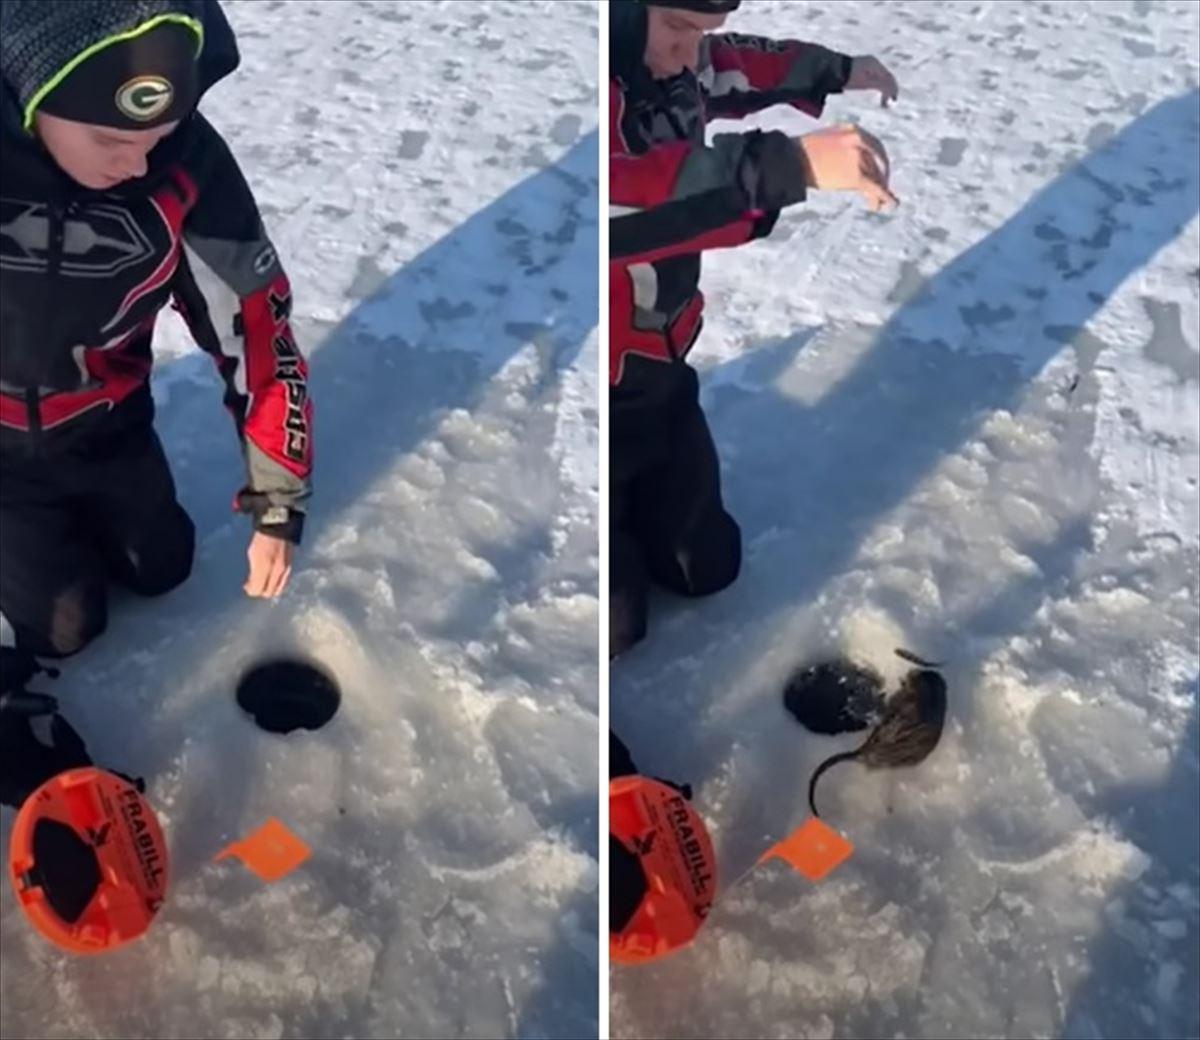 ウソ!?氷の下から釣れたのは魚じゃなくてネズミ!?こんな映像見たことない!